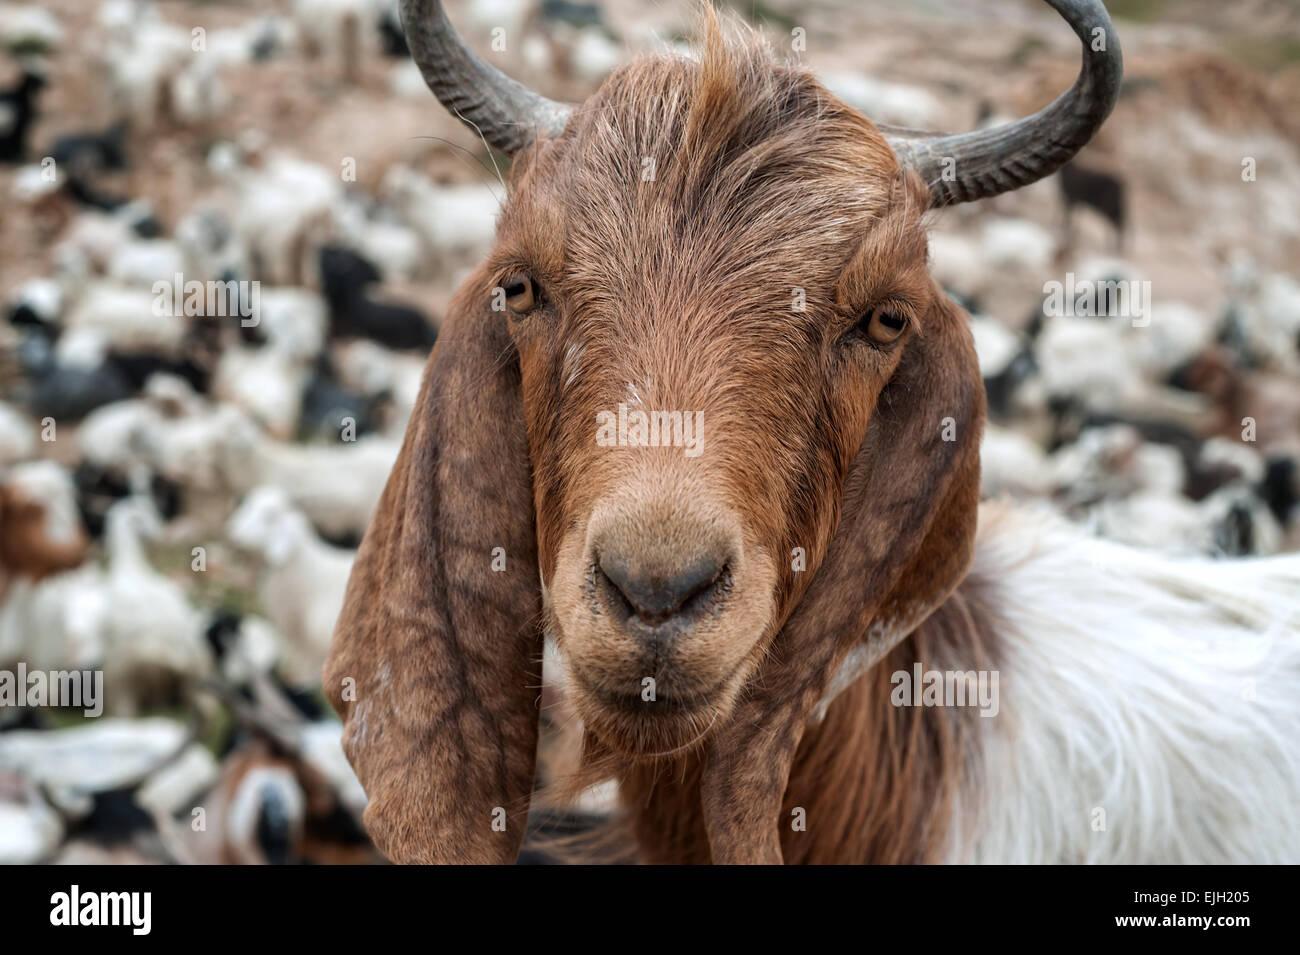 Barbuto ritratto di capra close up Immagini Stock